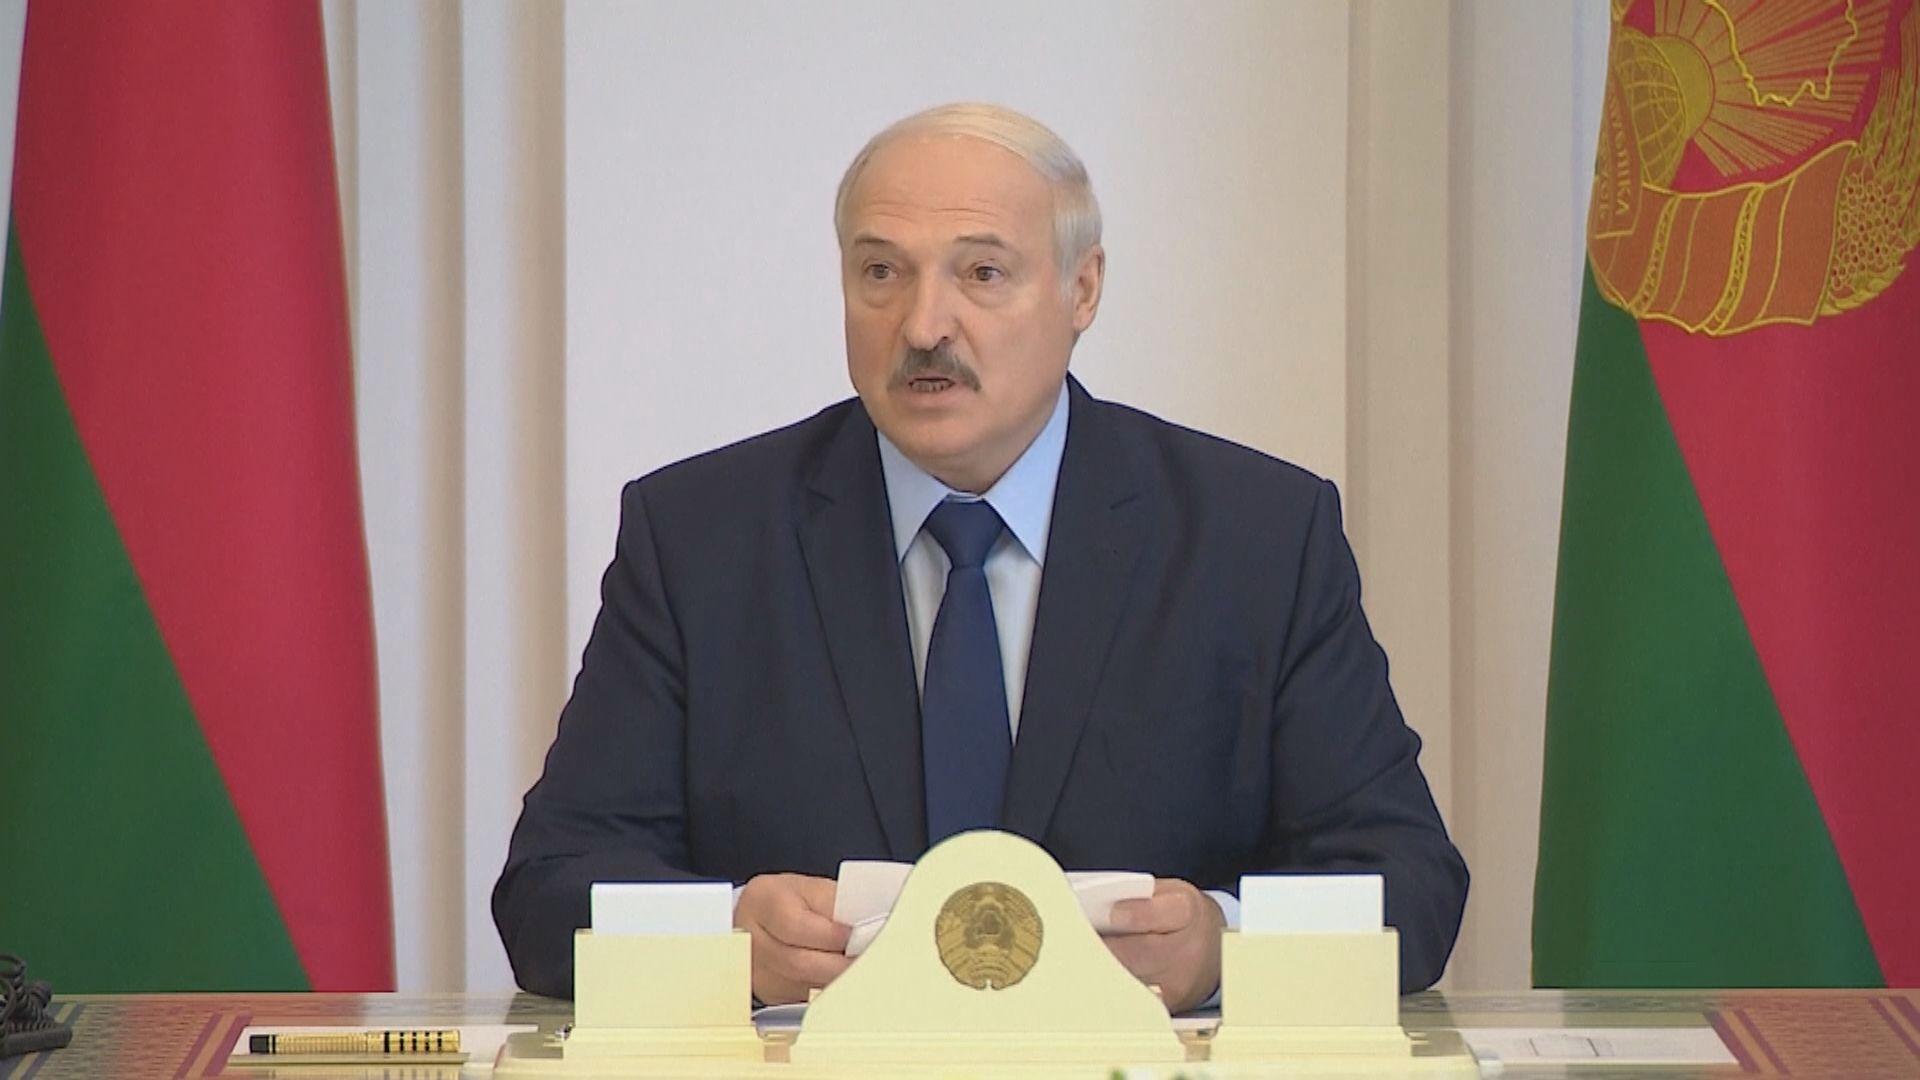 盧卡申科:不需任何外國政府化解白俄局勢